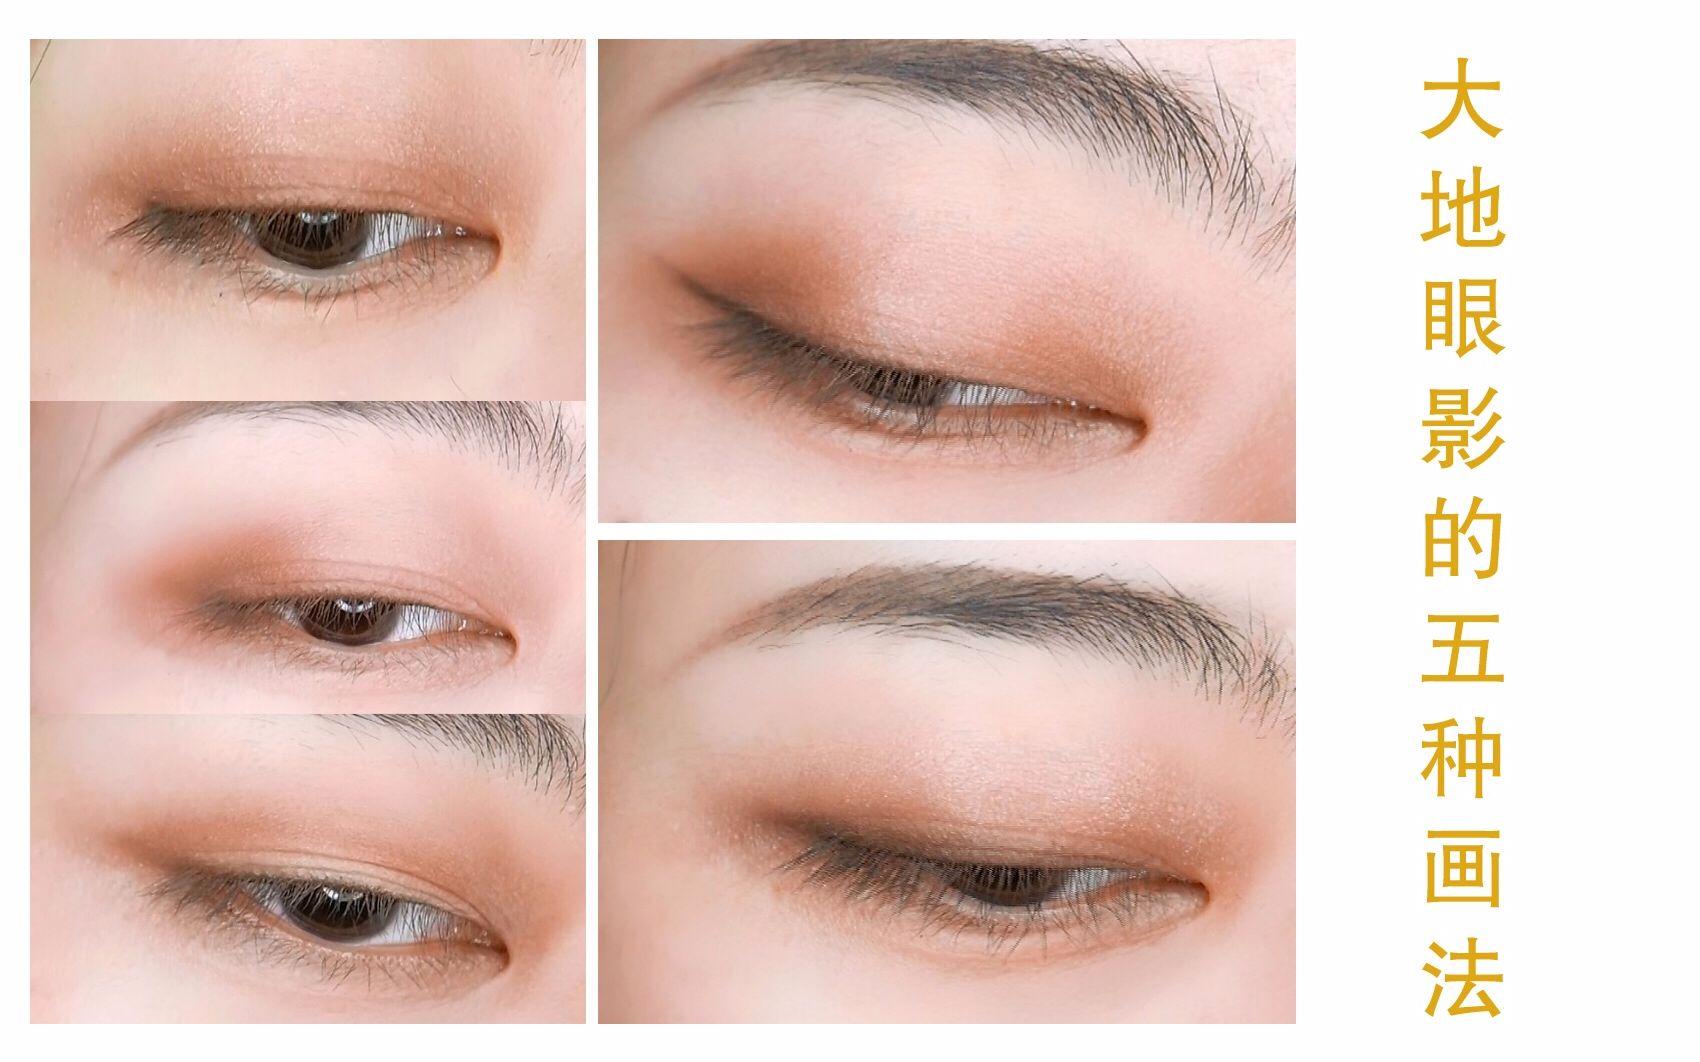 大地色眼影的五种画法|kate眼影-骨干br6|by-米立